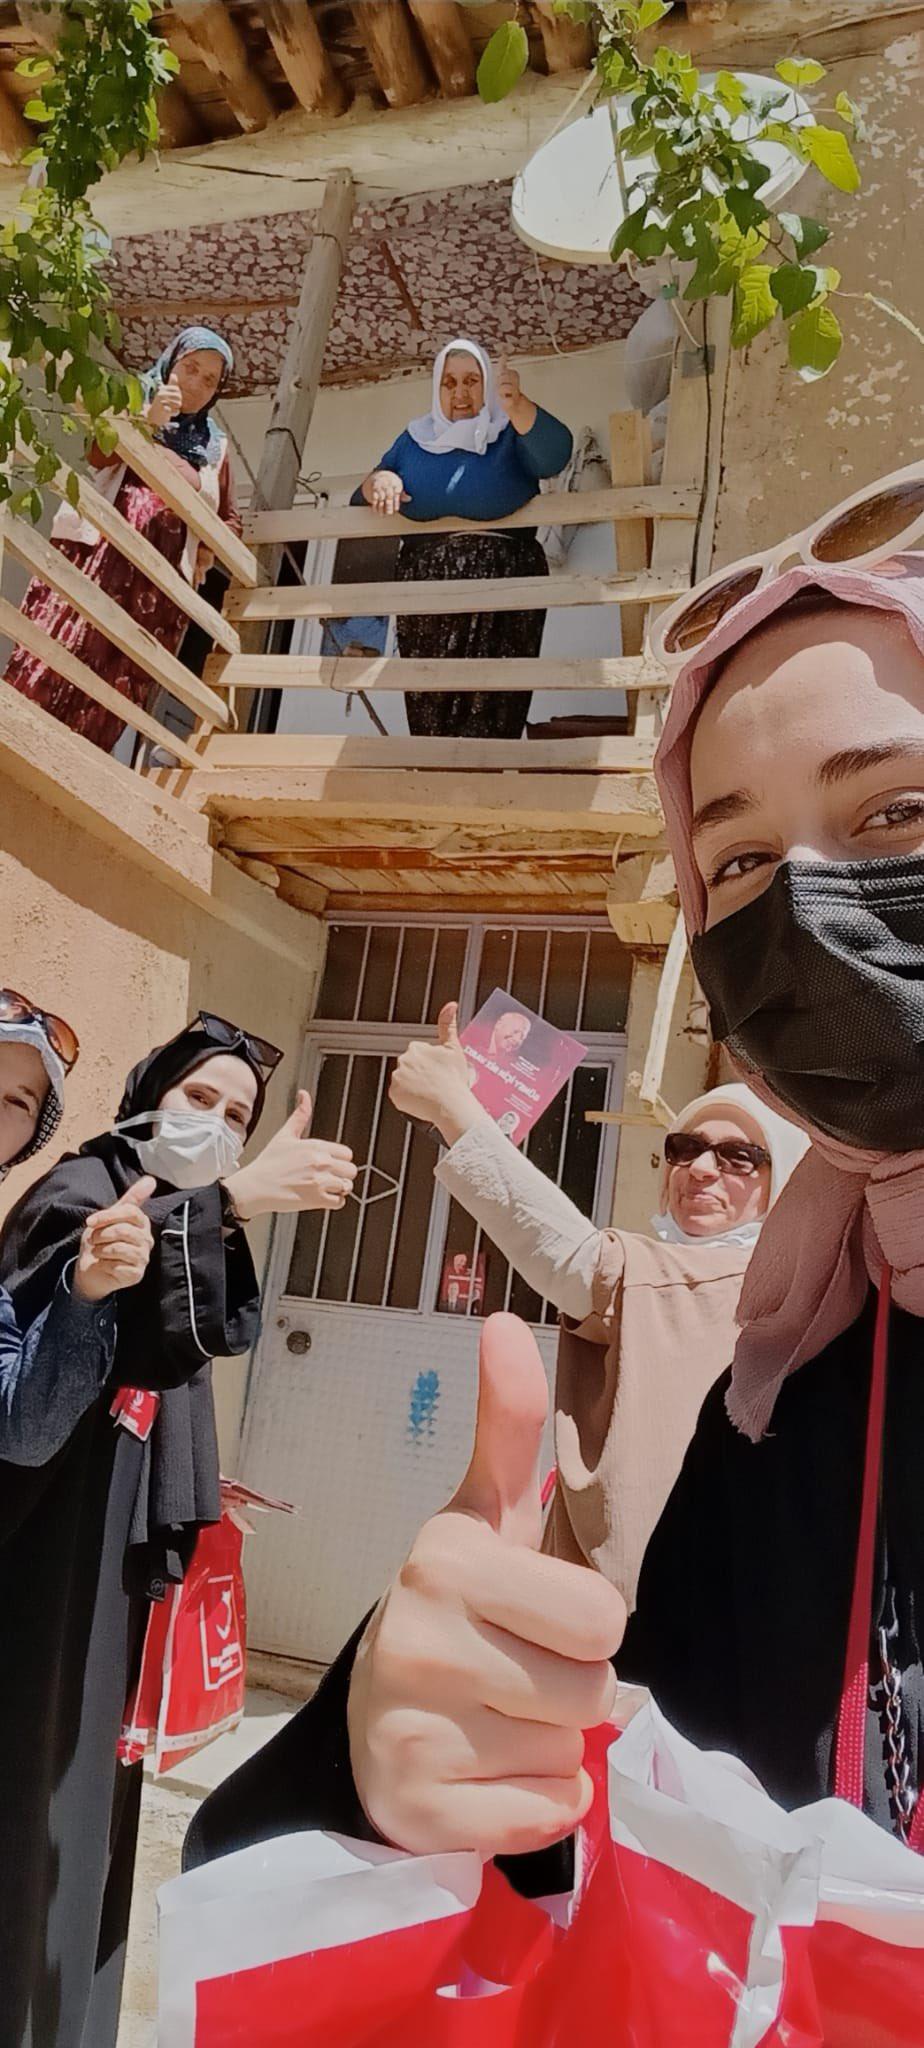 Yeniden Refah Partisi Genel Merkez Kadın Kolları on Twitter: